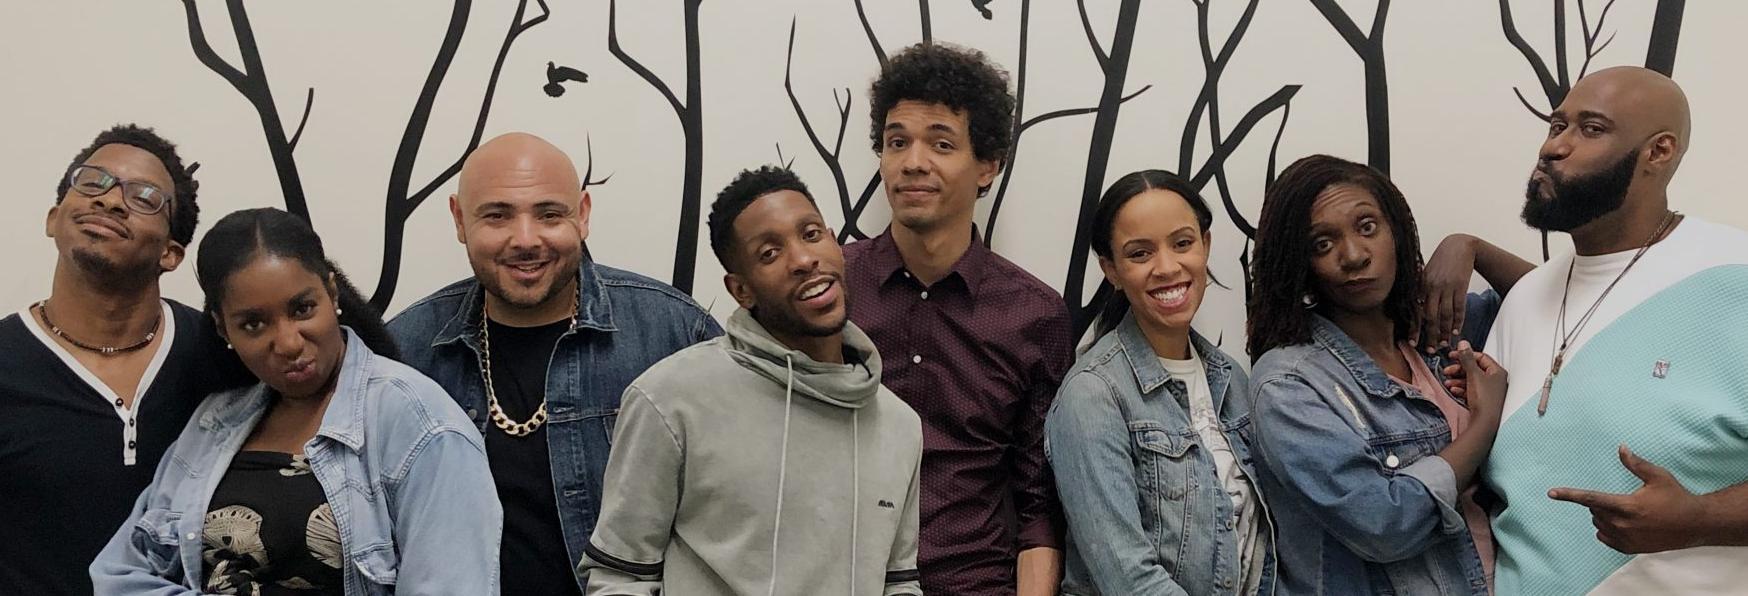 Astronomy Club: Netflix annuncia una nuova Serie TV Antologica